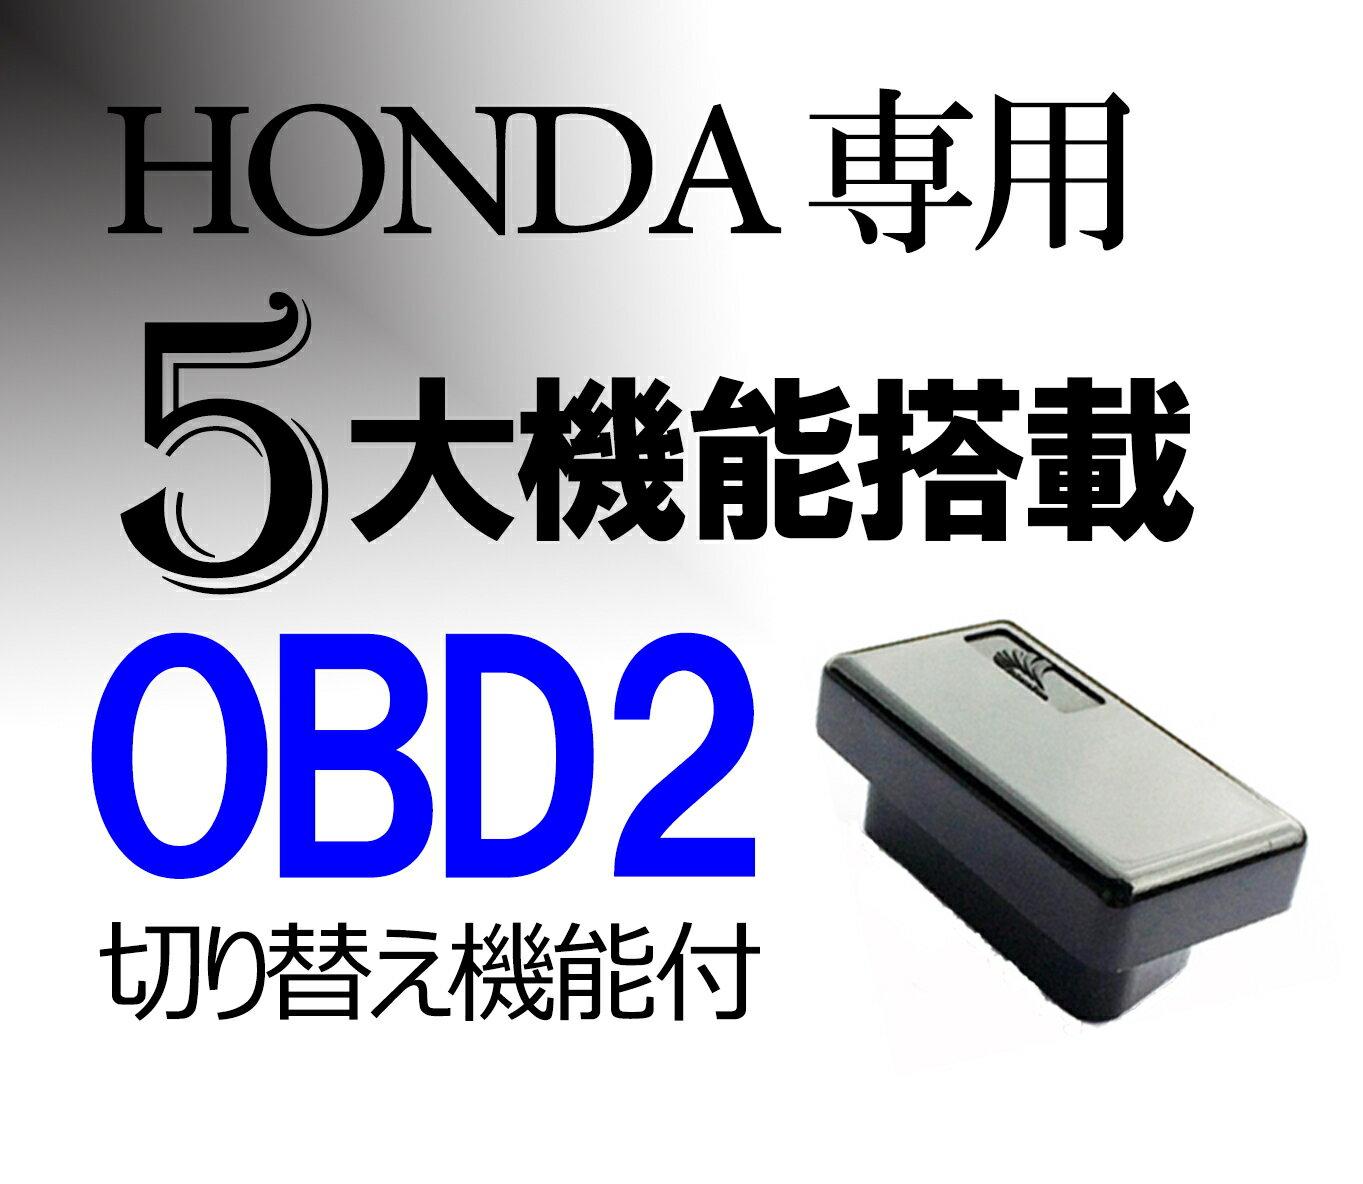 OBD2 車速連動ドアロック パーキングでロック解除 ハザード切り替え機能付き!ホンダフィットハイブリッド GG8 GP1 GP2 GP5 GP6 GP7 GP8 GE6 GE7 GE8 GE9 GK3 GK4 GK5 GK6 RS GG7 ZE2 CR-Z GB3 RK5 RP1 RP3 1.3S 1.3G,S660 CVT